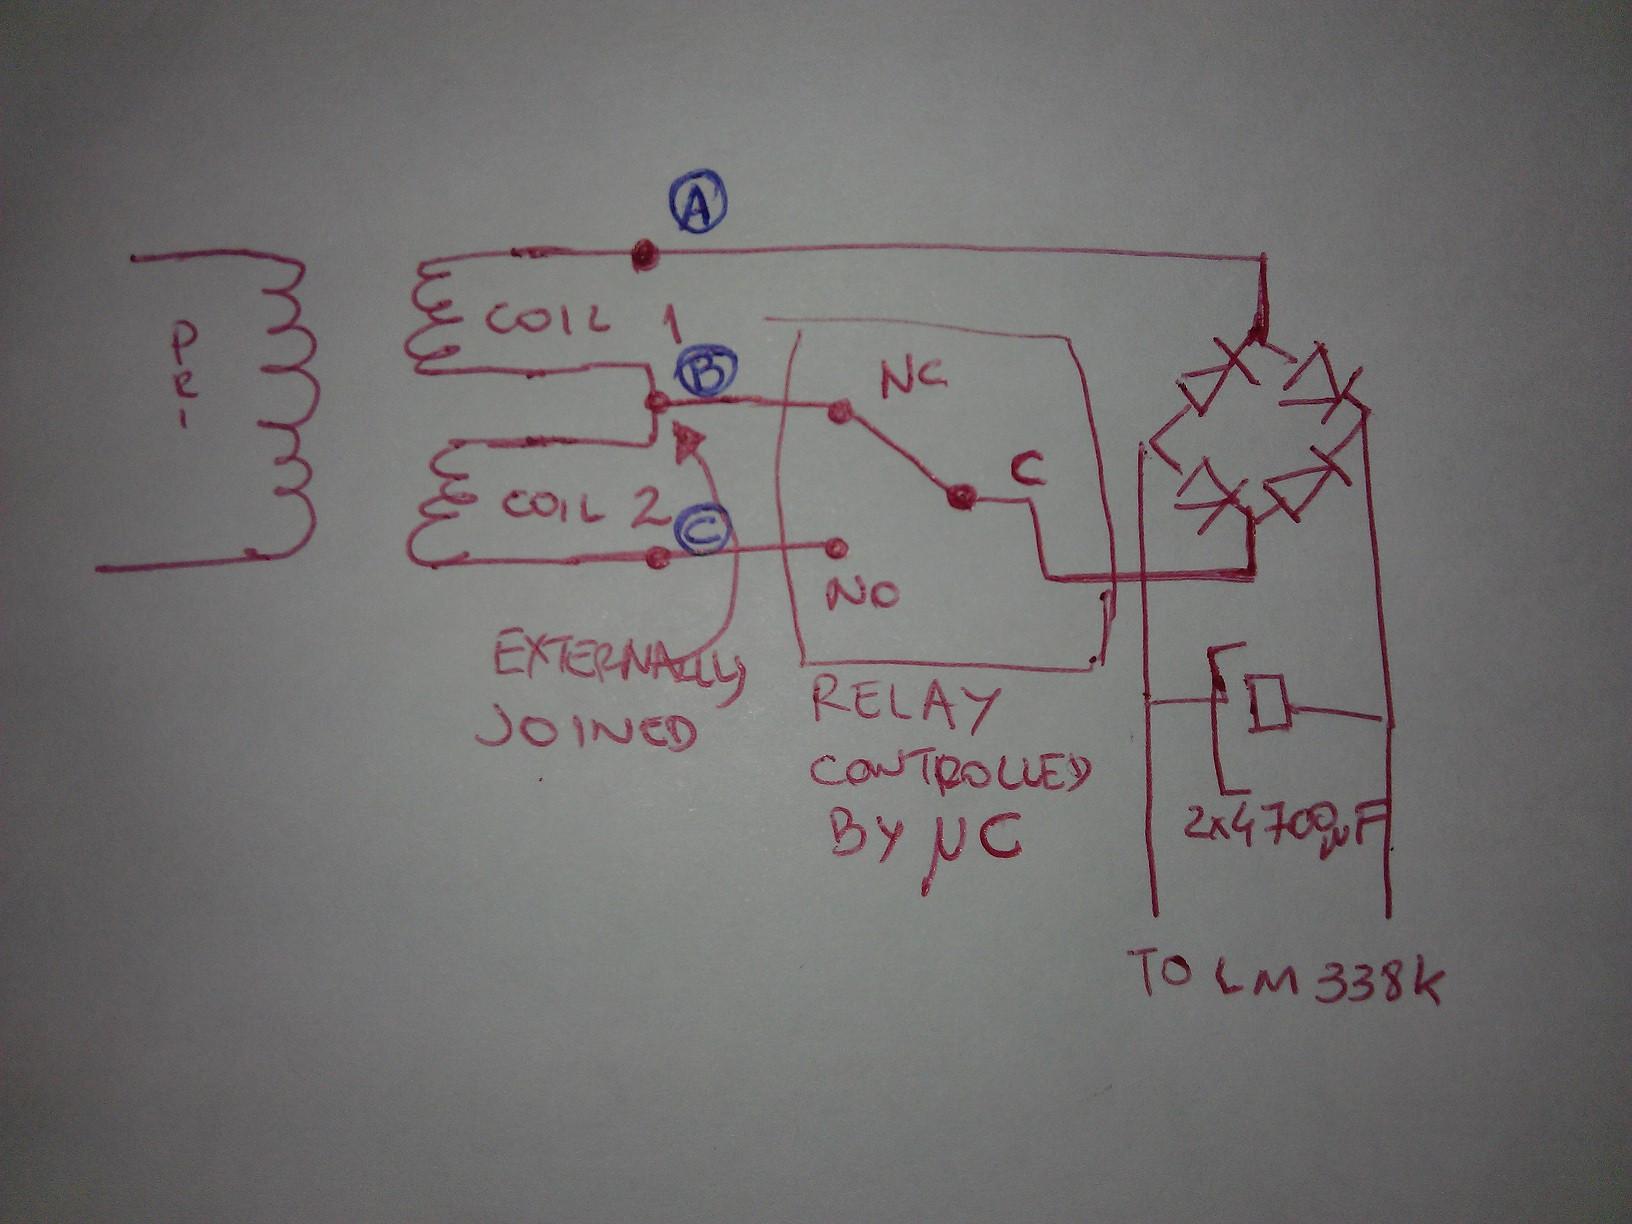 120v 24v transformer wiring diagram asco 940 edwards to